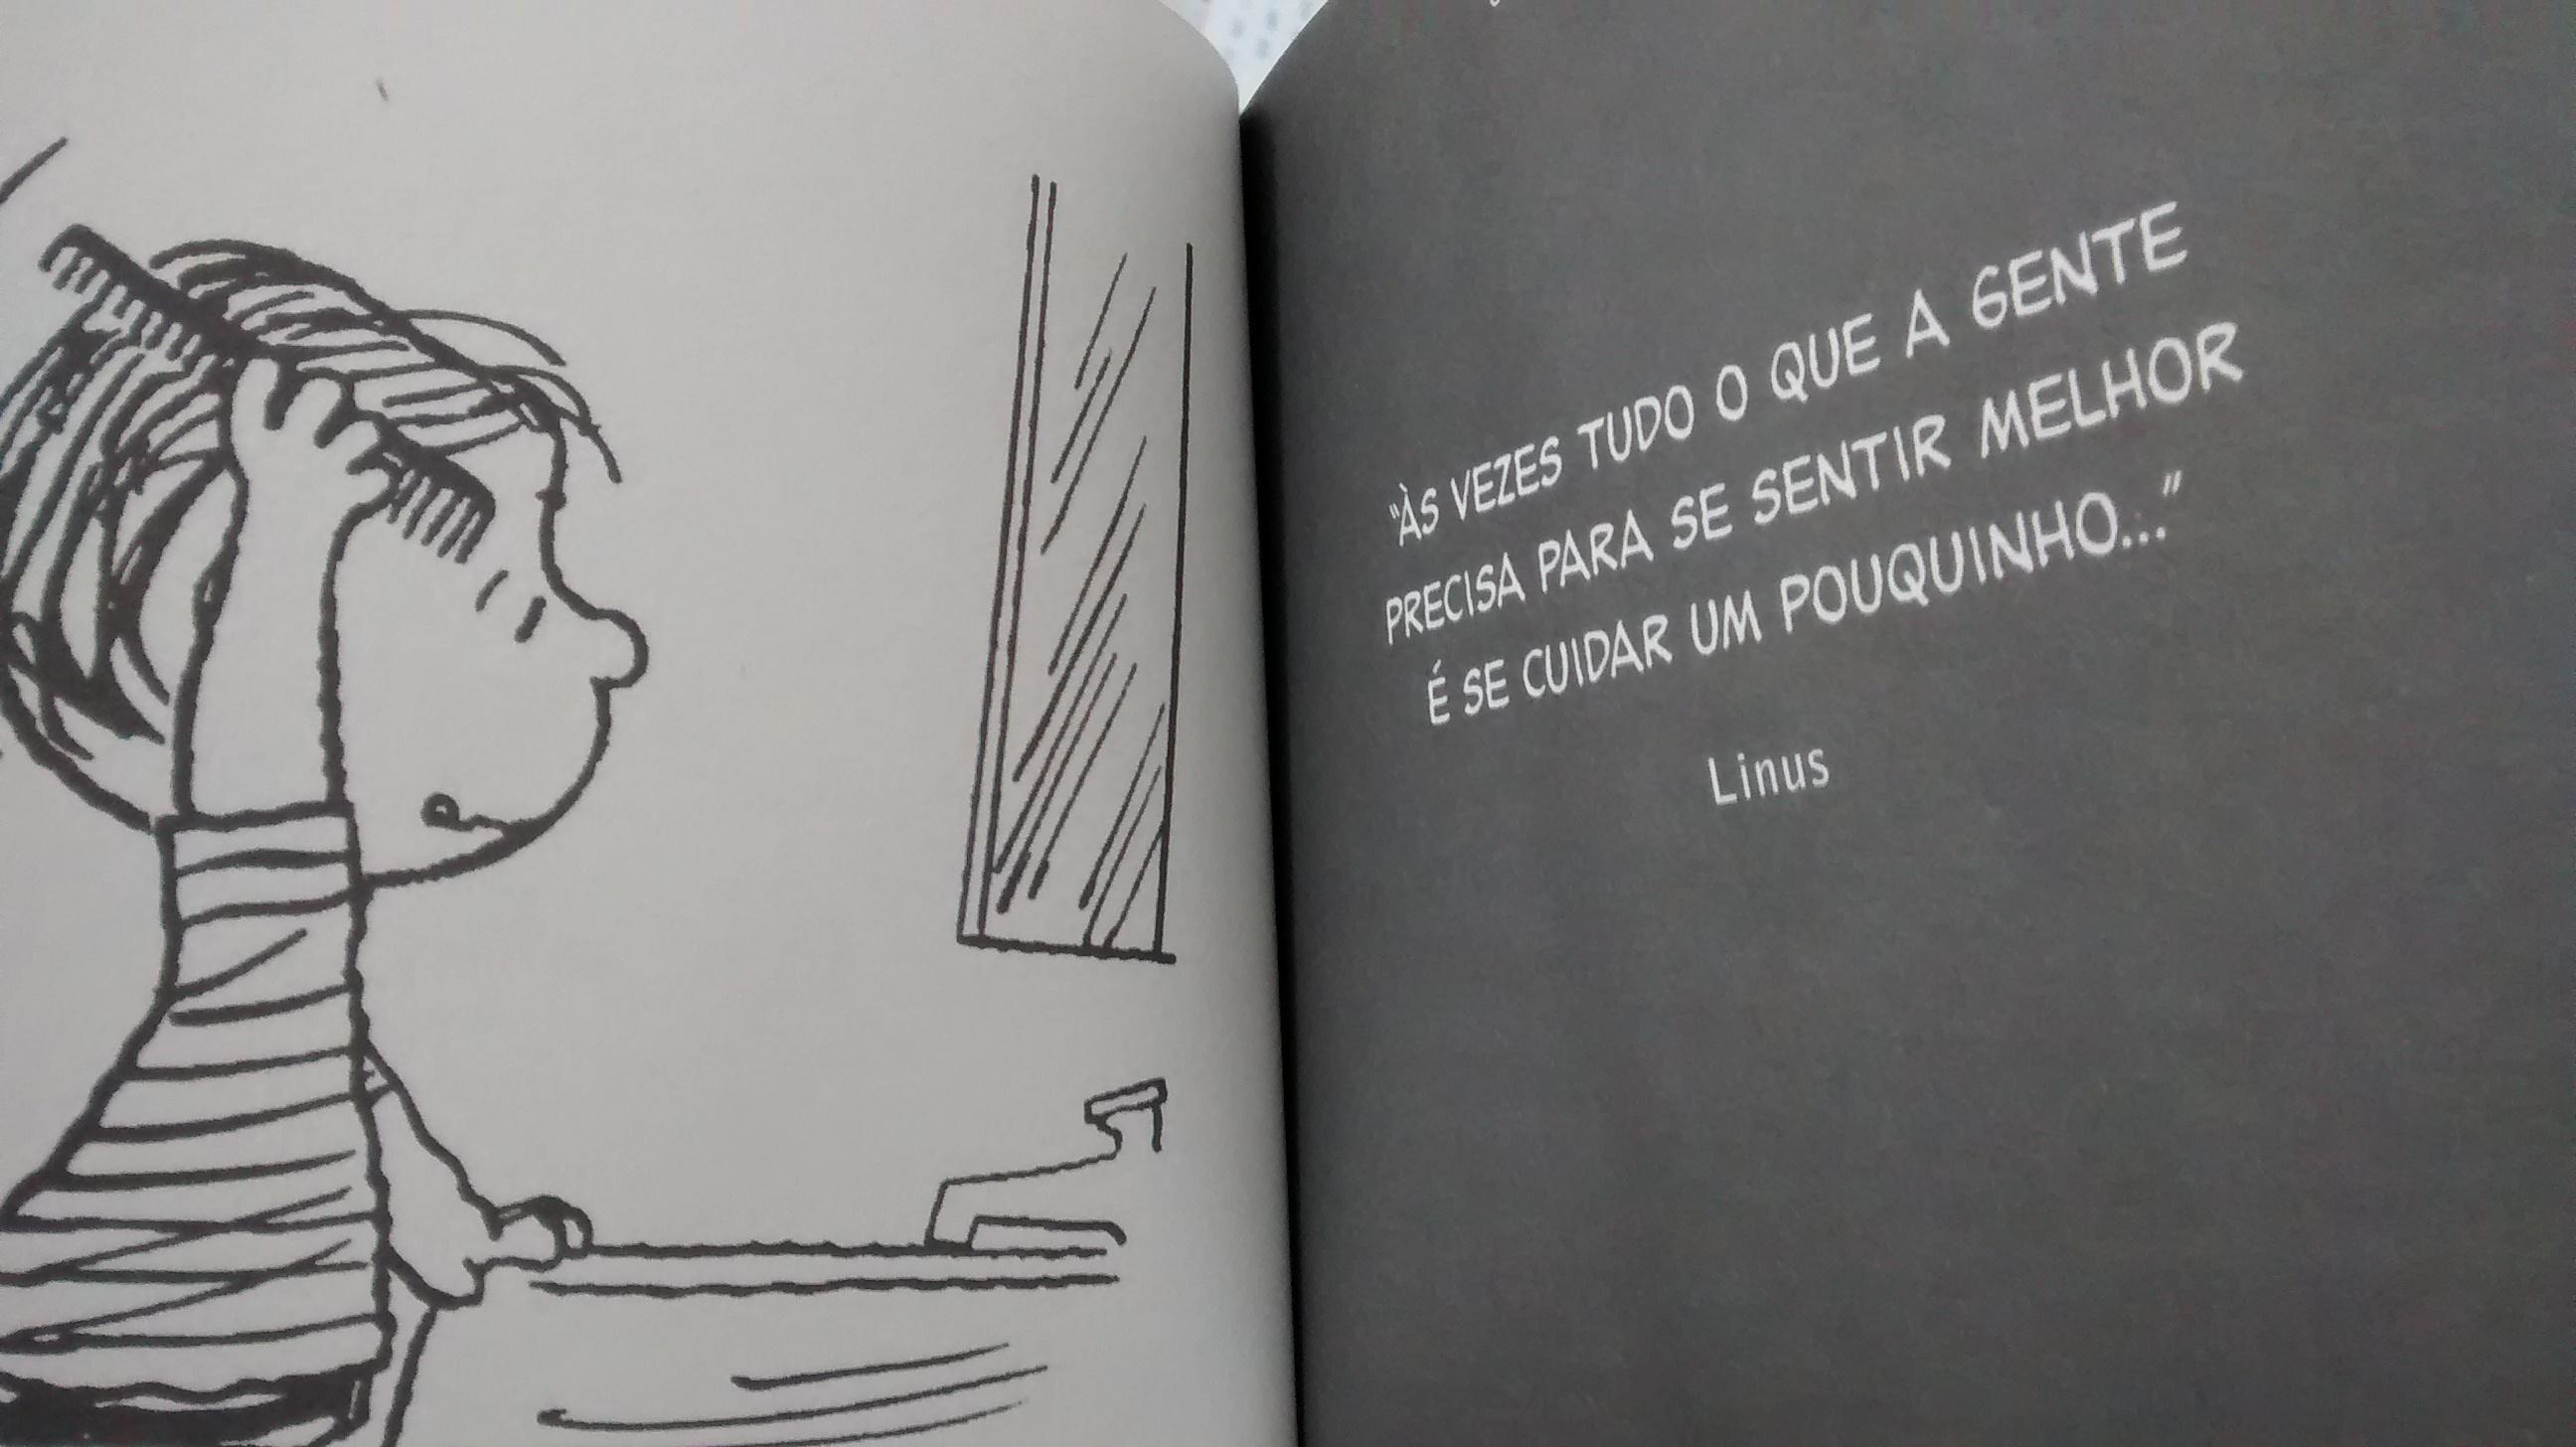 Dica do Linus #frasedasemana - Prateleira Sem Fim